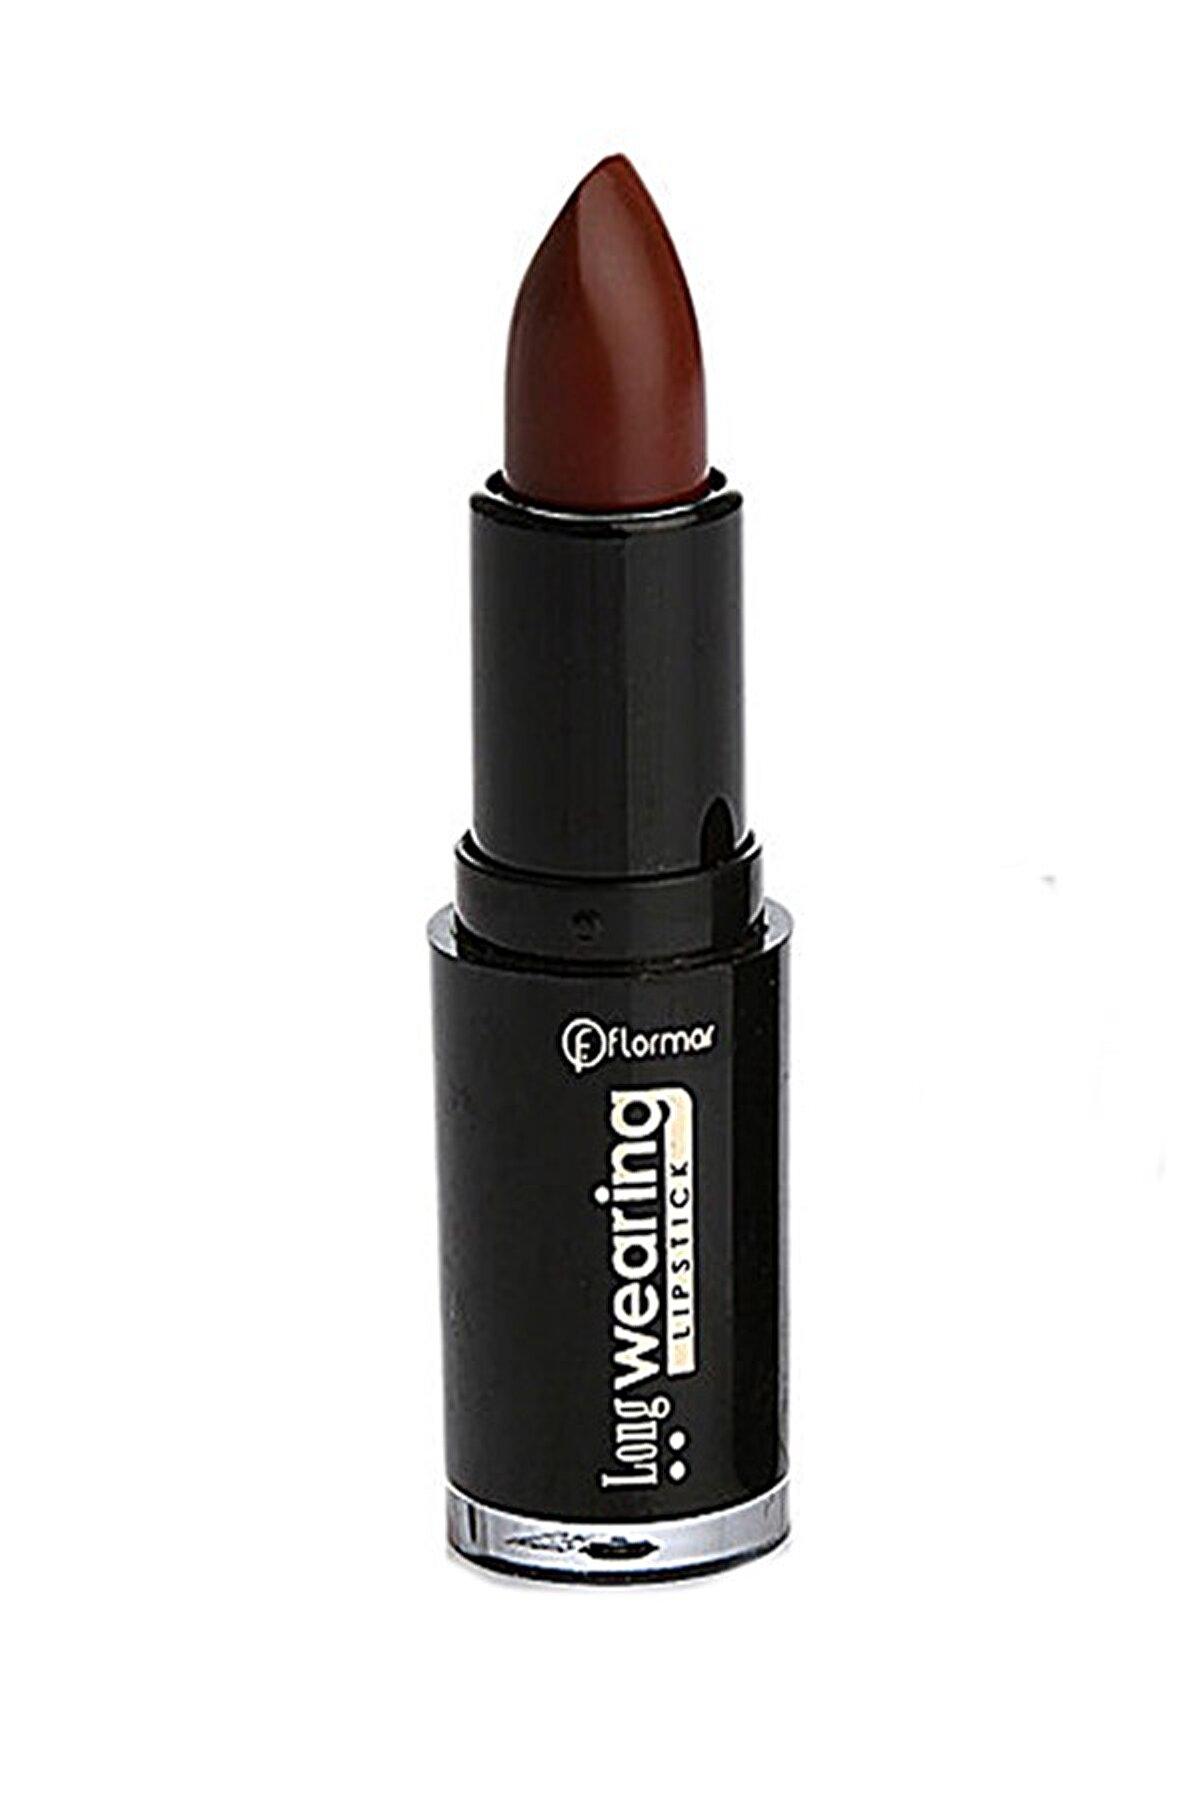 Flormar Uzun Süre Kalıcı Ruj - Long Wearing Lipstick L09 8690604107797